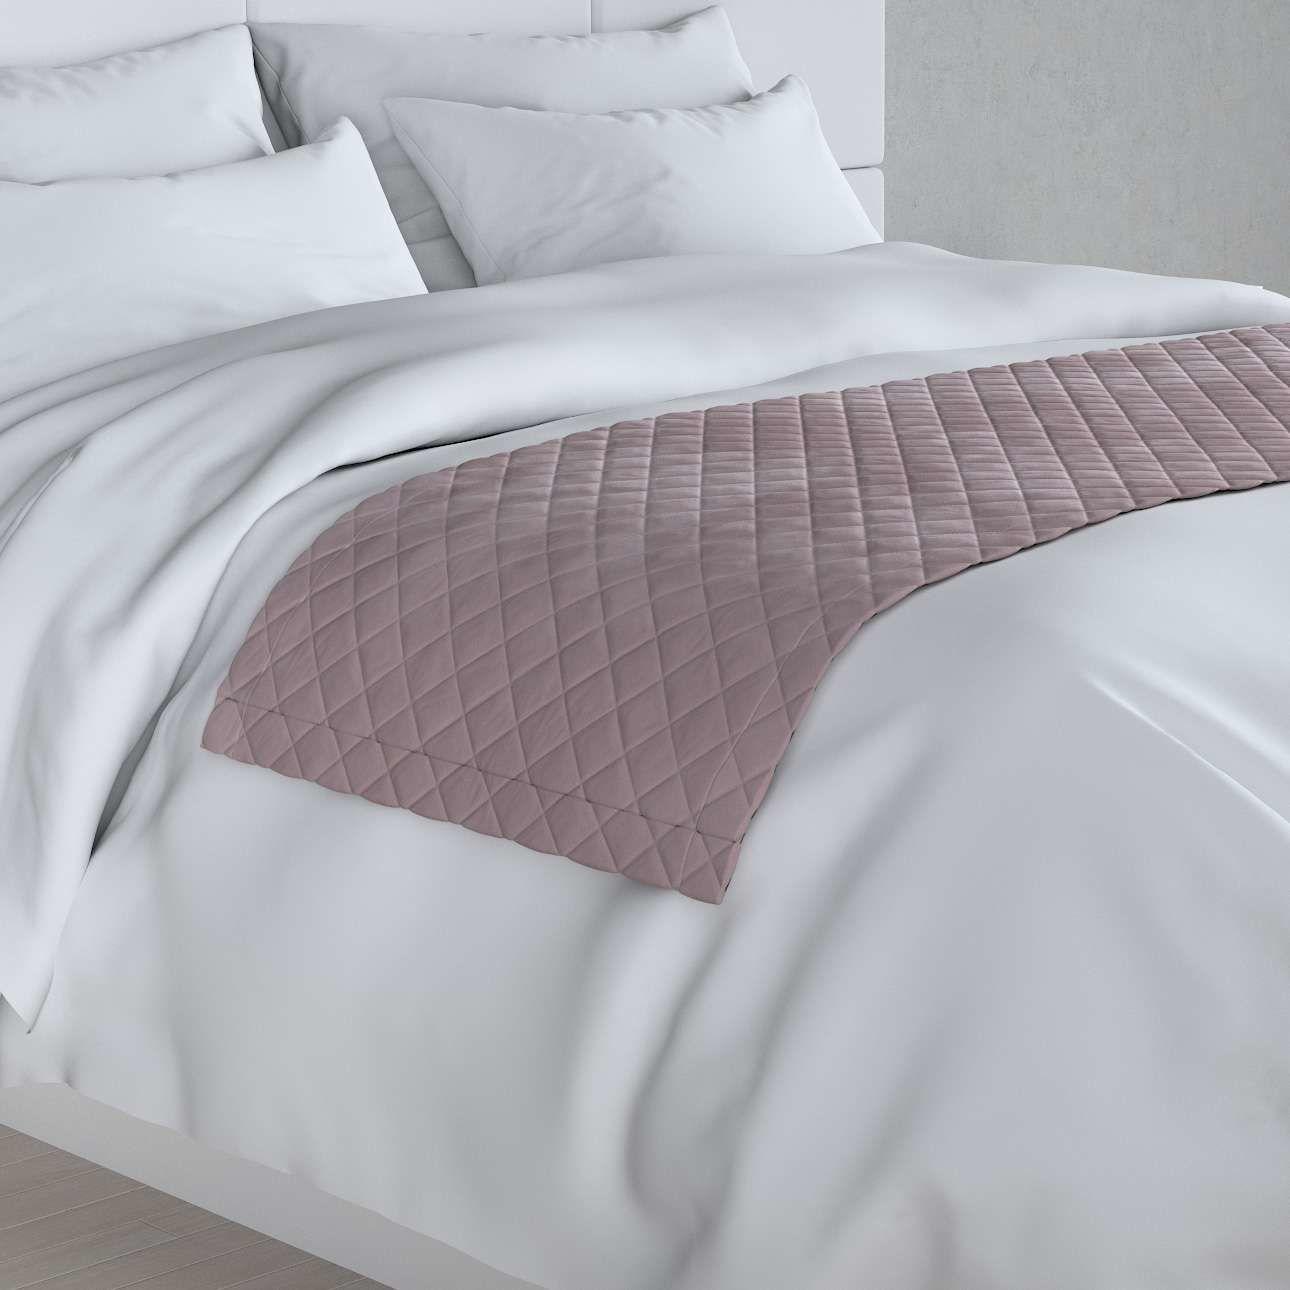 Narzuta hotelowa bieżnik Velvet 60x200cm, zgaszony róż, 60 x 200 cm, Velvet